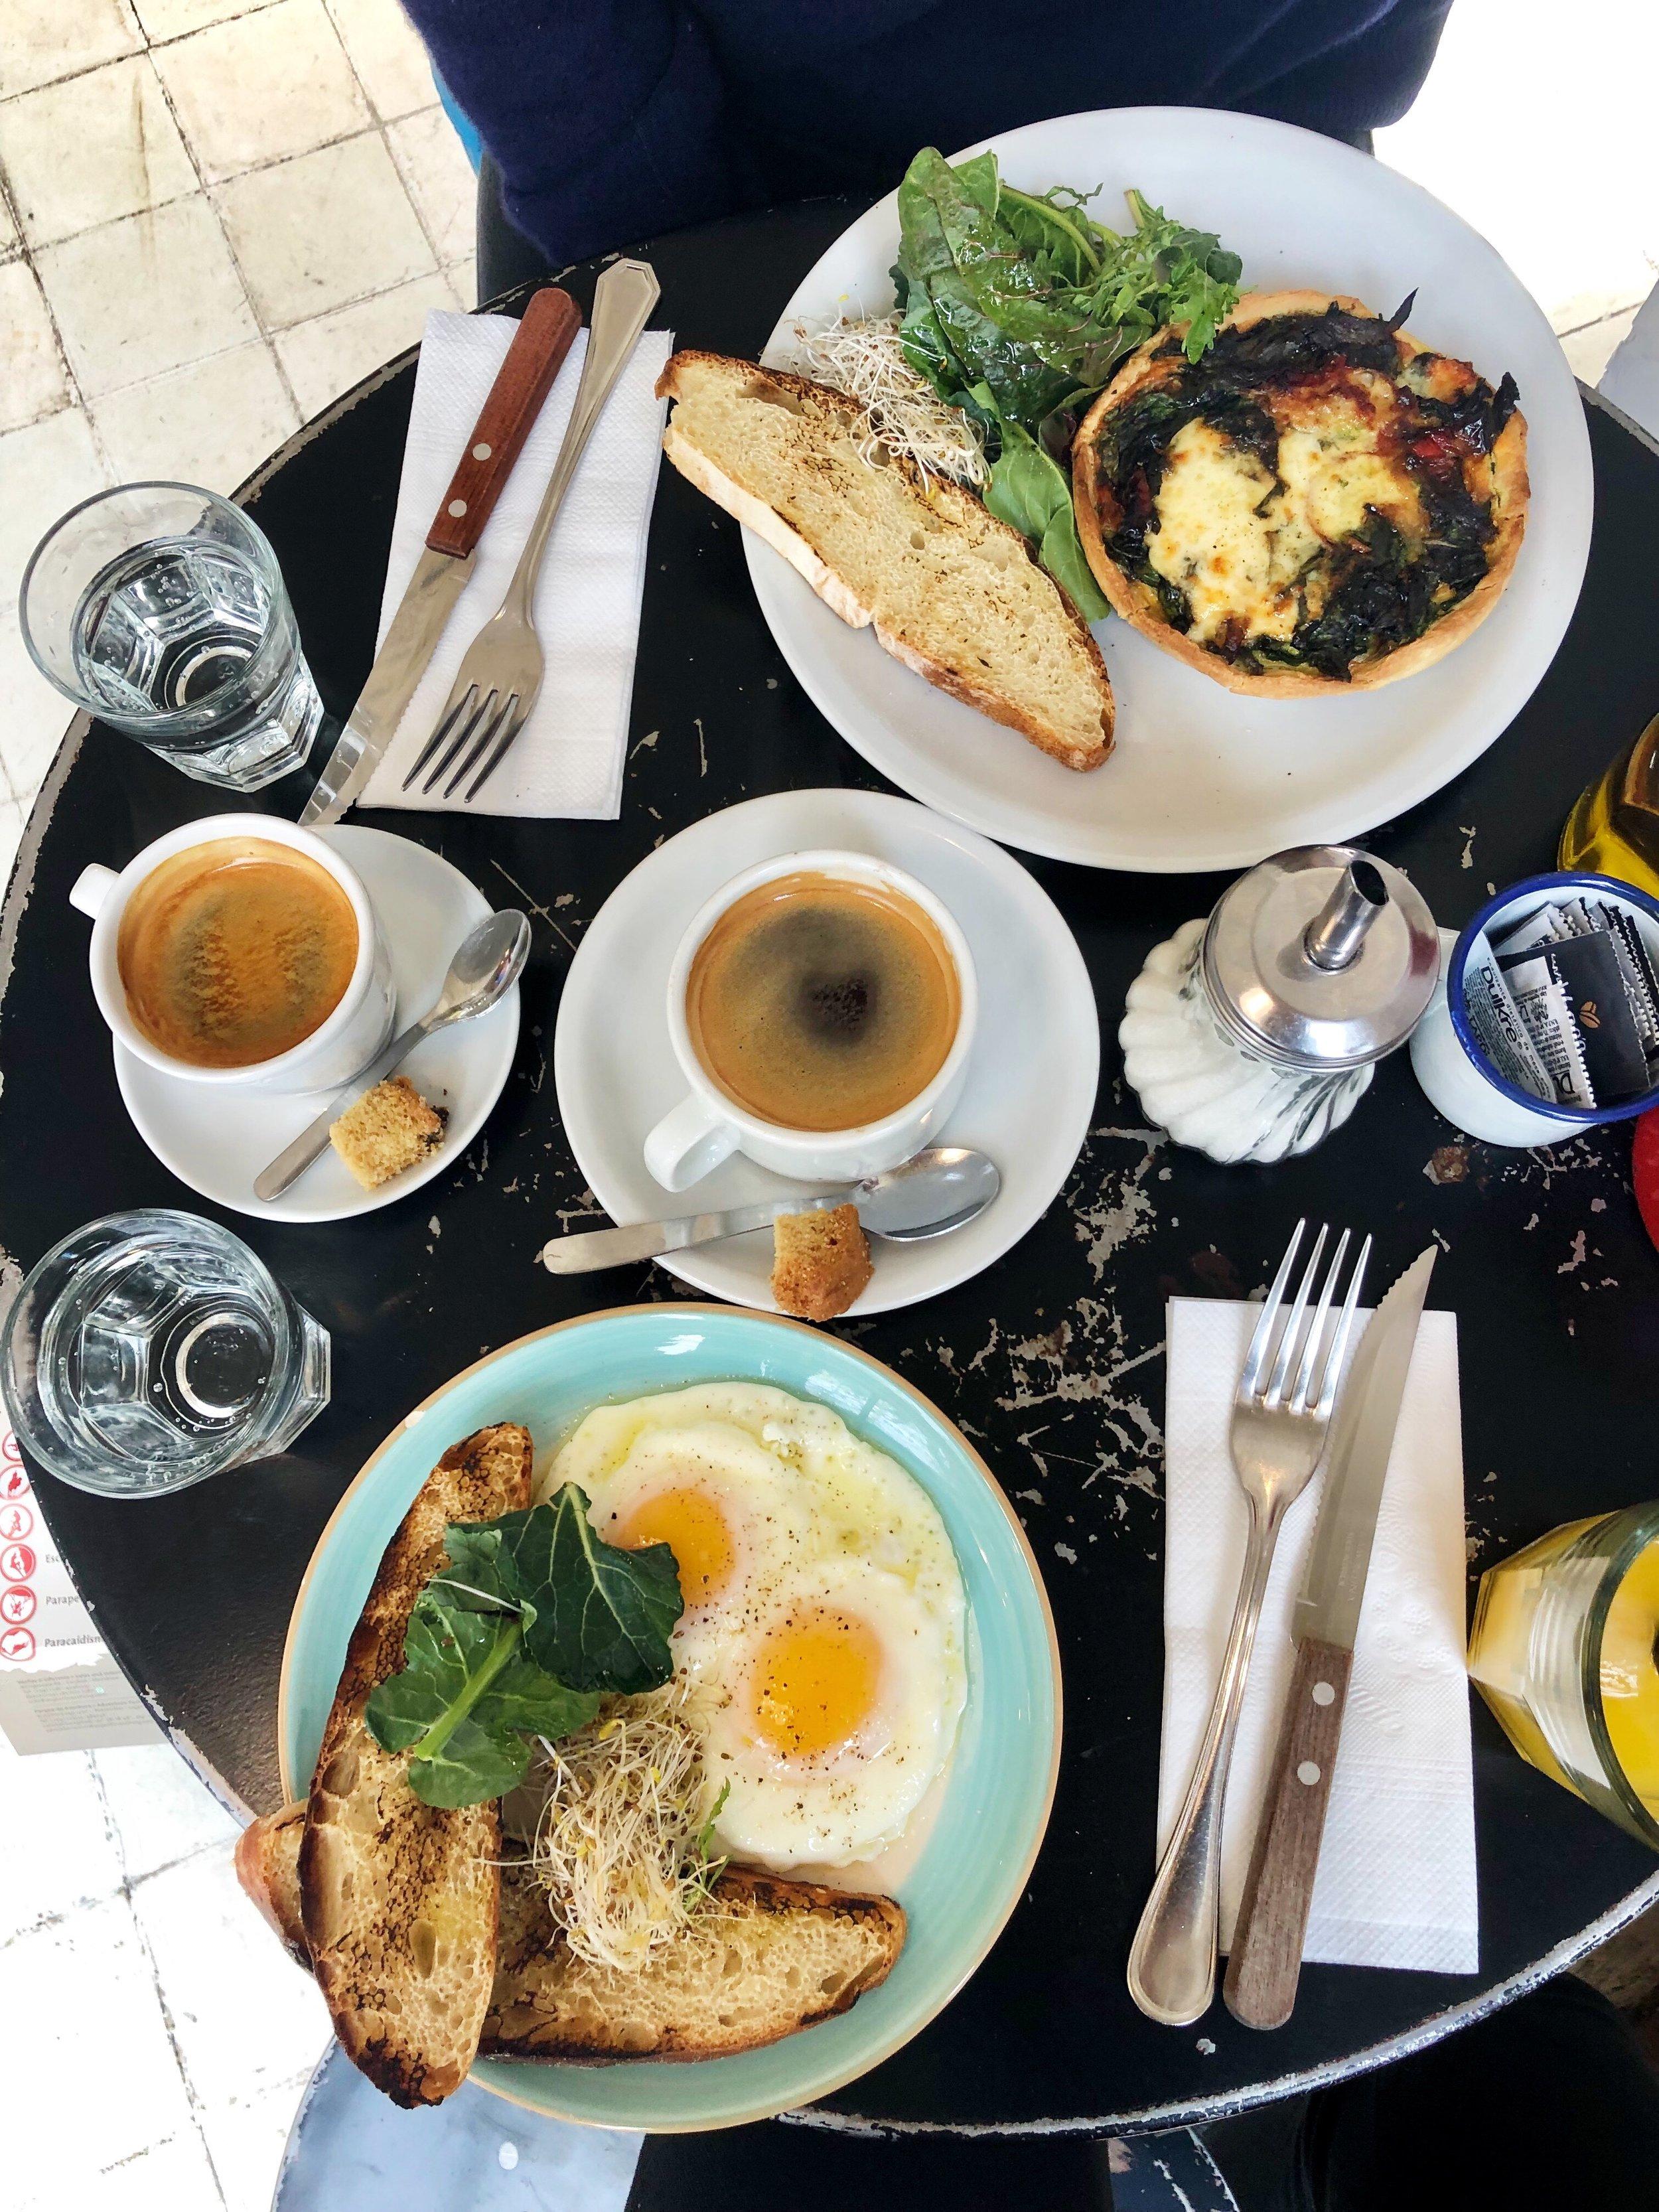 Trendy brunch in Bröd, a café in Mendoza